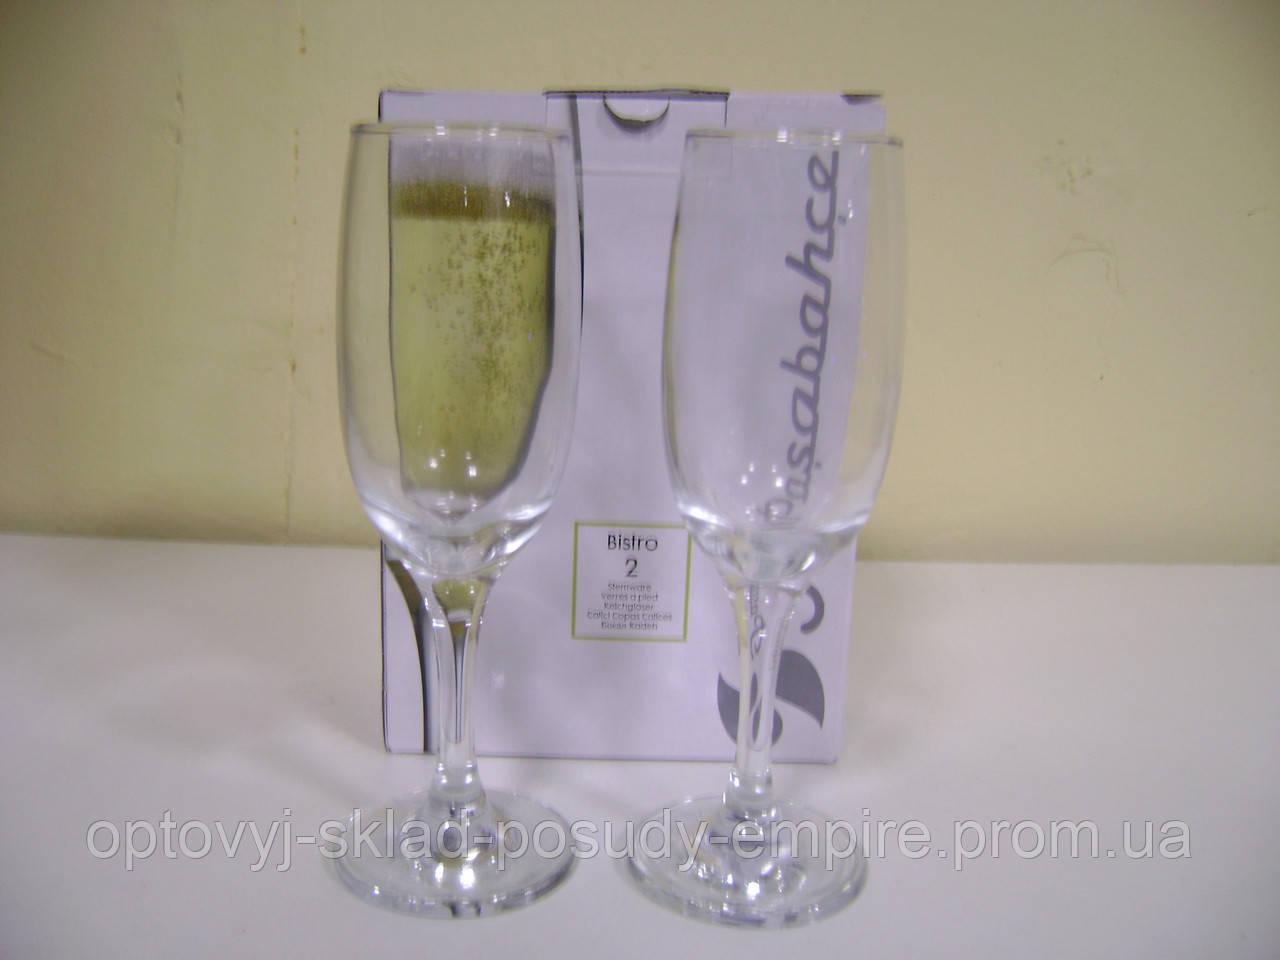 Набор бокалов для шампанского Pasabahce 44419 Bistro 190 мл 2 шт.